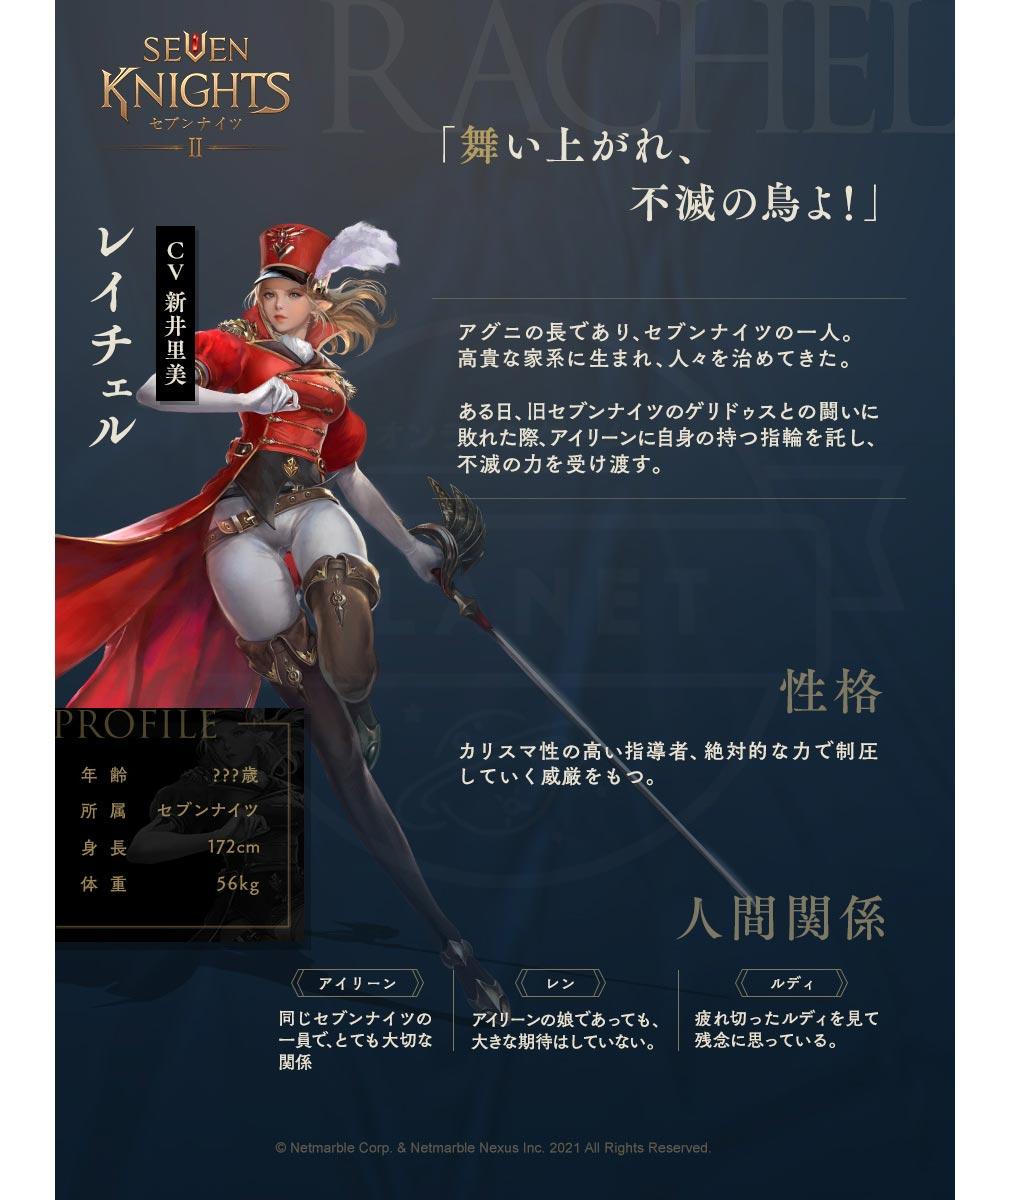 セブンナイツ2(セナ2) 英雄キャラクター『レイチェル』紹介イメージ